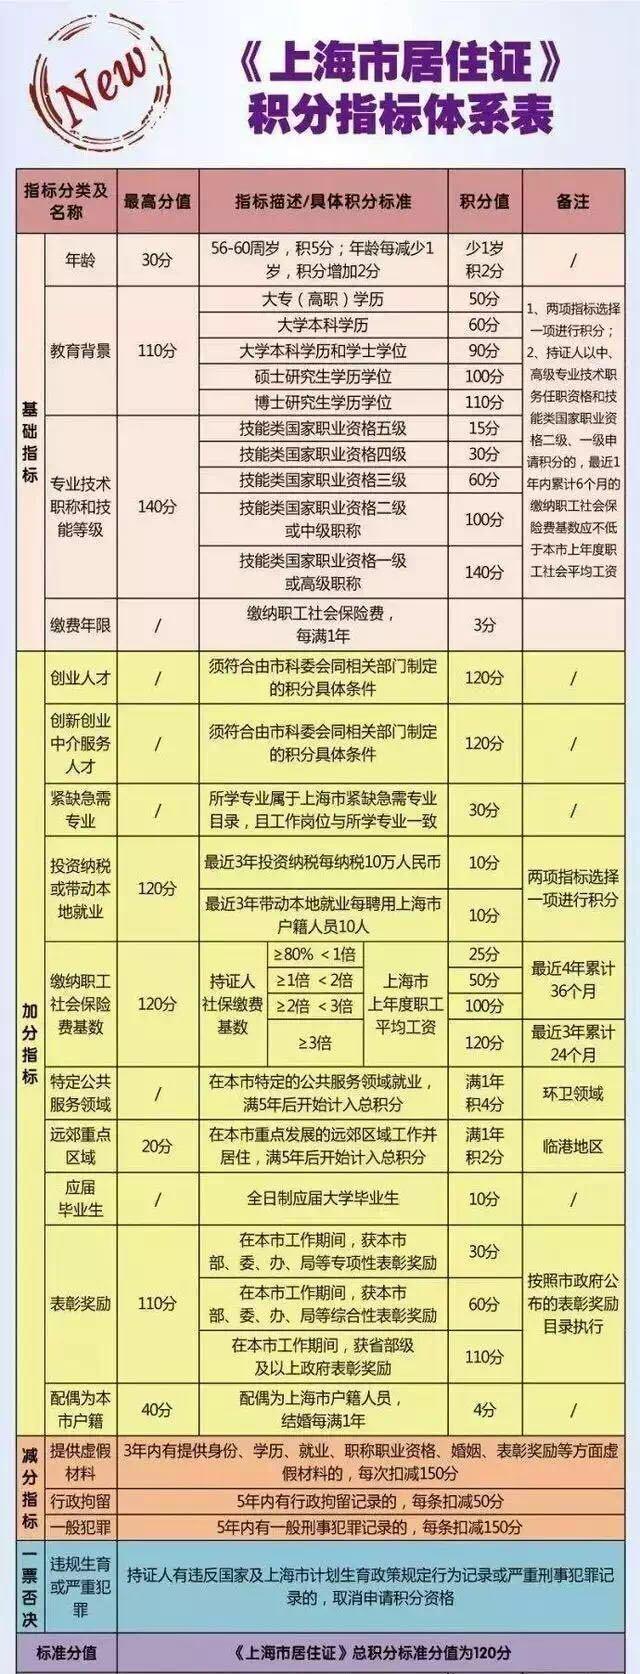 上海最新社保基数_2017年最新上海落户攻略!满足条件分分钟落户-上海搜狐焦点